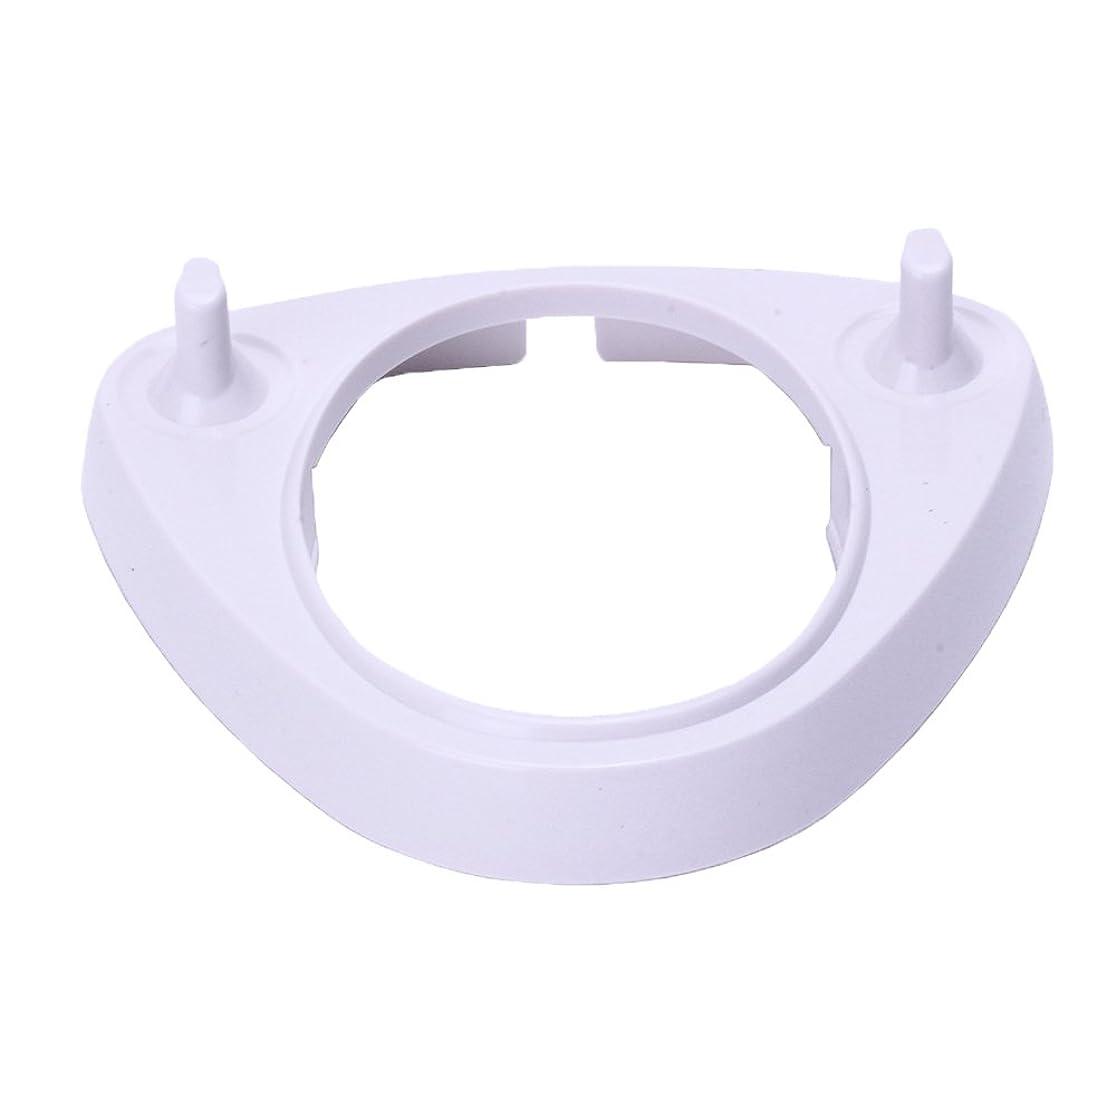 隠す煙破裂白いハードプラスチックスタンド for ブラウンオーラルB電動歯ブラシ充電器 by Kadior